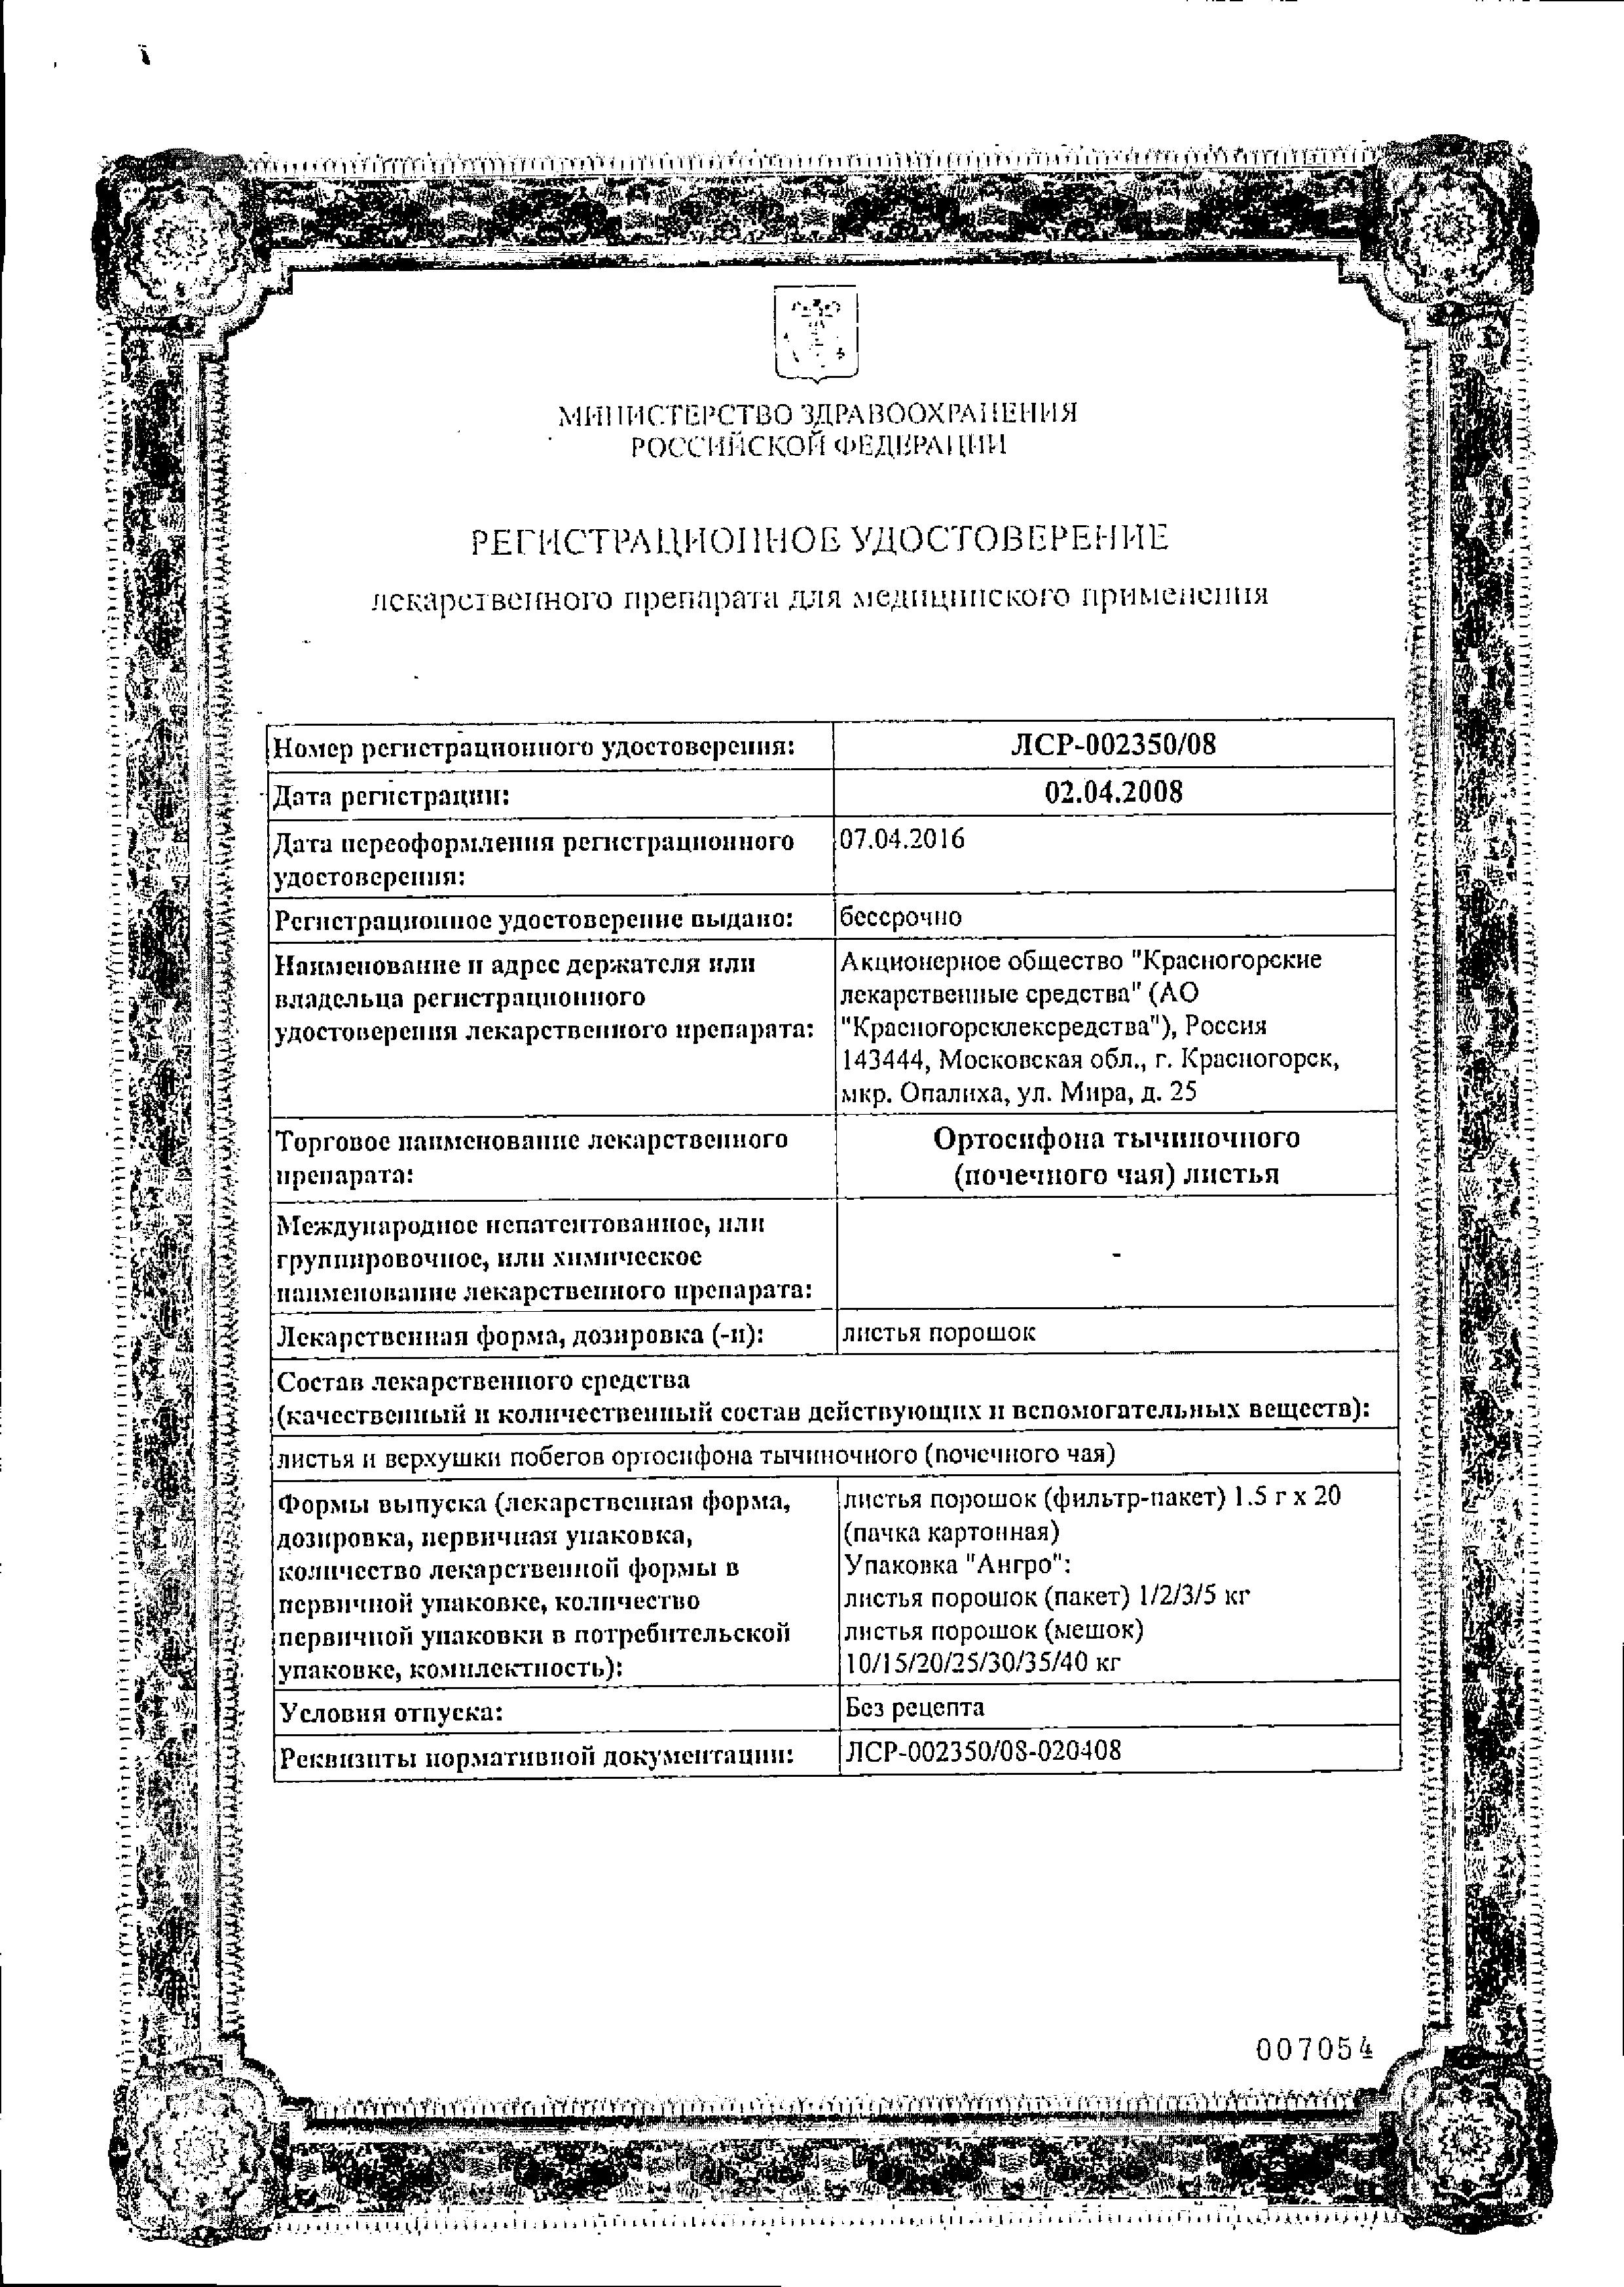 Ортосифона тычиночного (Почечного чая) листья сертификат